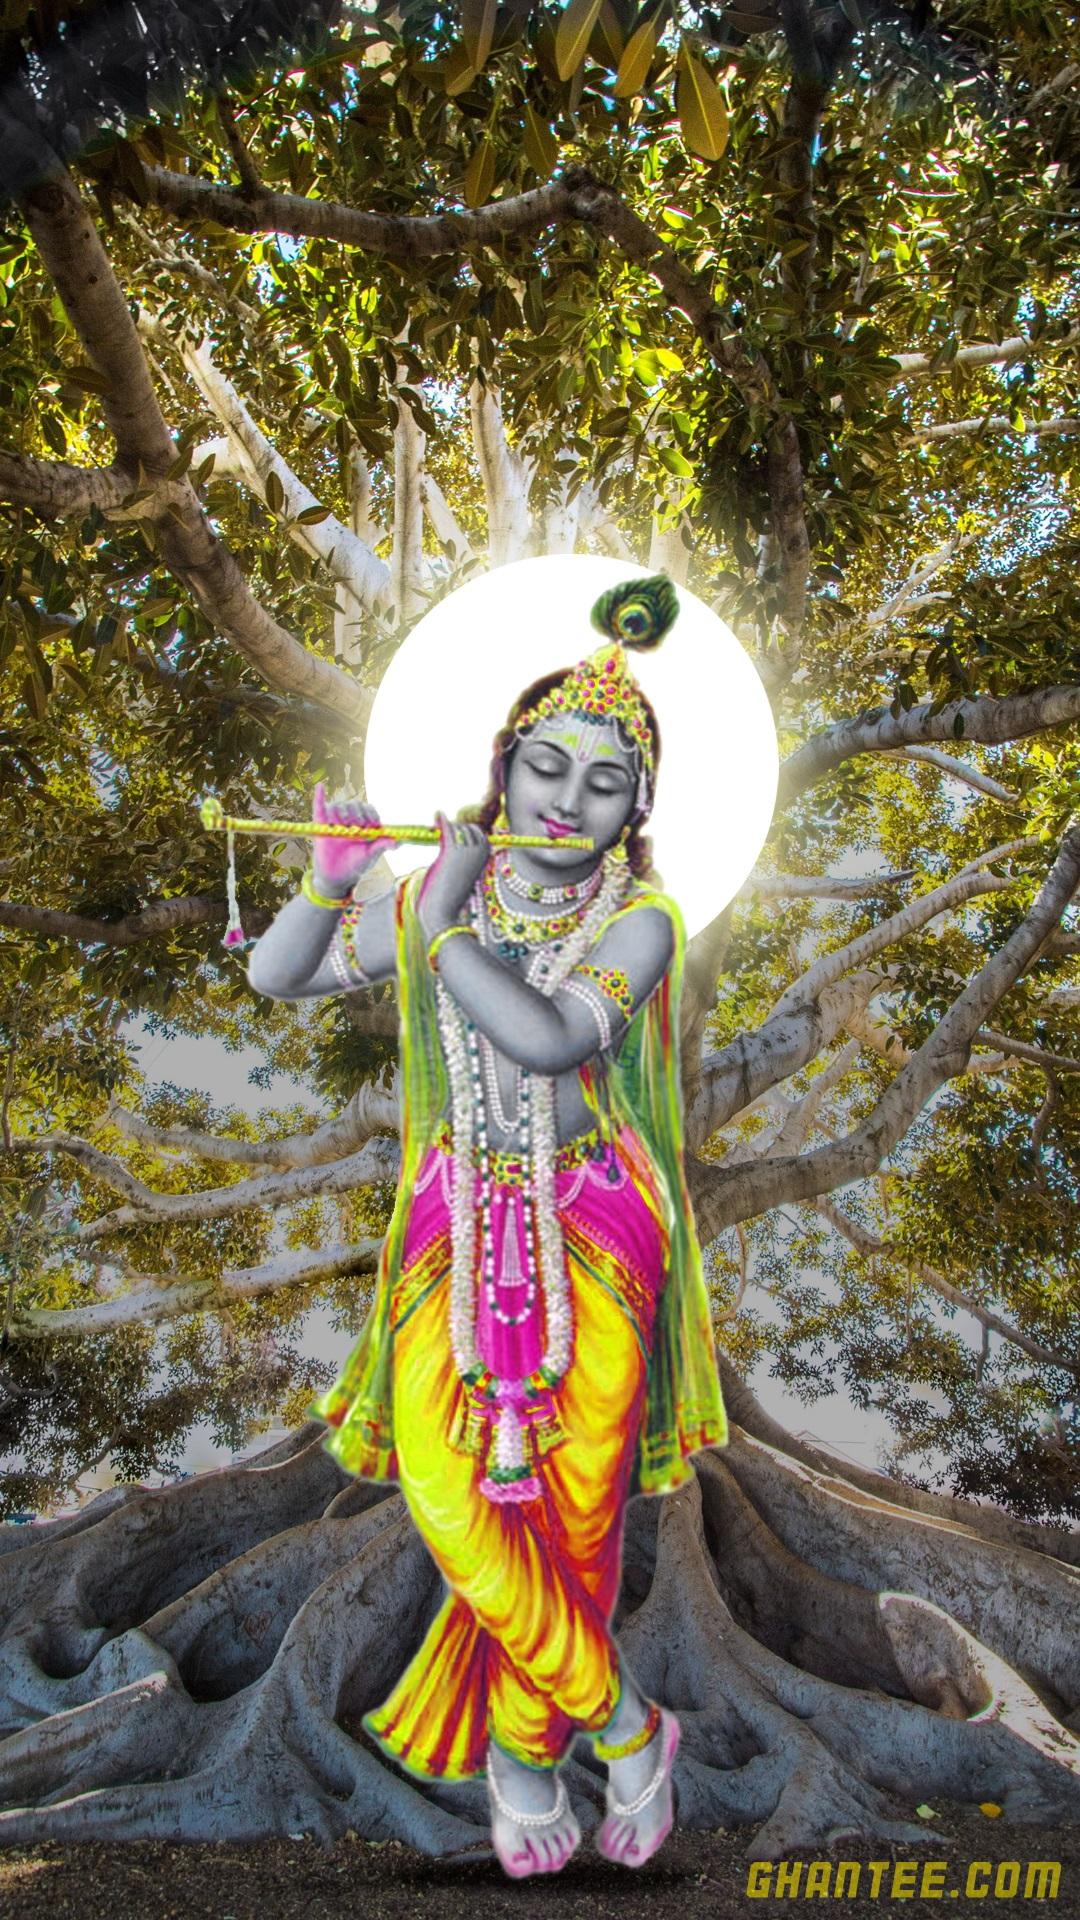 kanha ji pic hd download for free – janmashtmi image